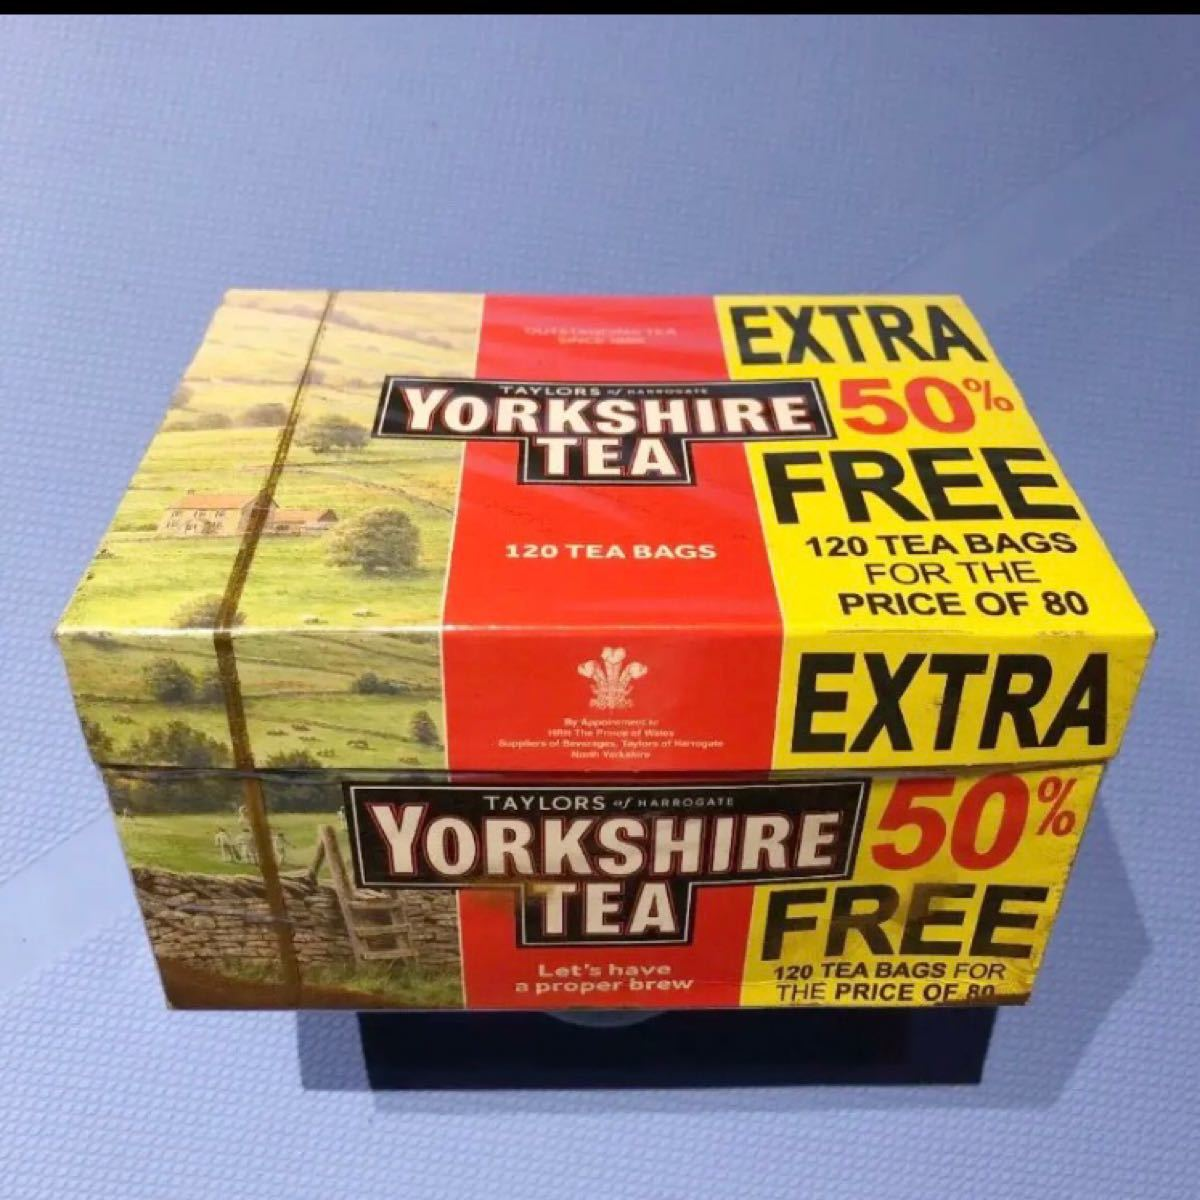 ヨークシャーティー(英国の紅茶)120ティーパック